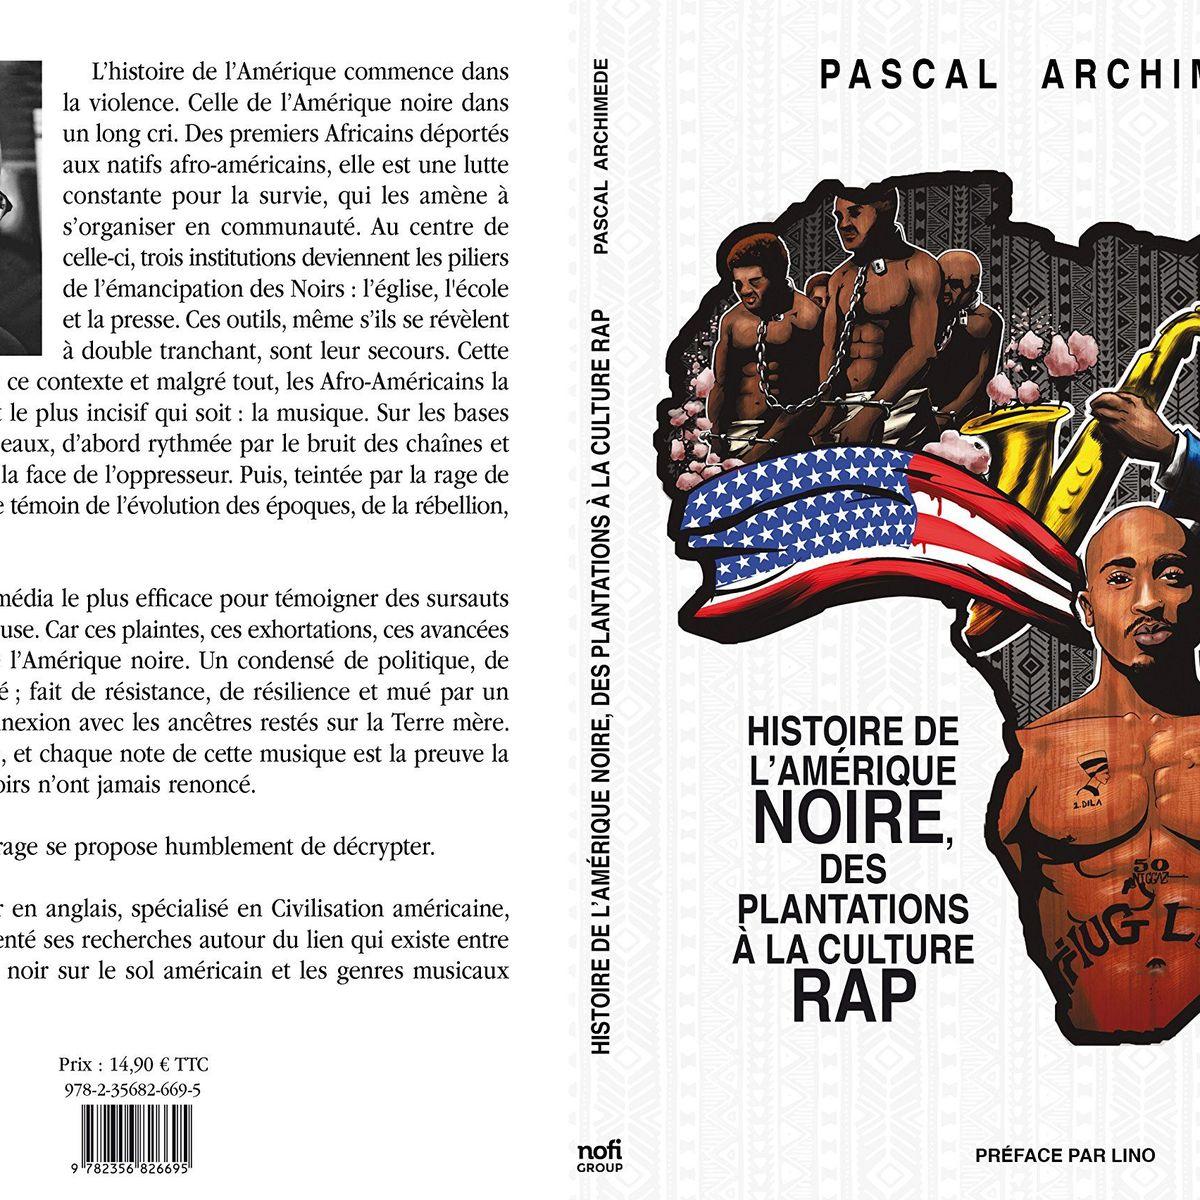 Papiers d'Identité #Pascal Archimède